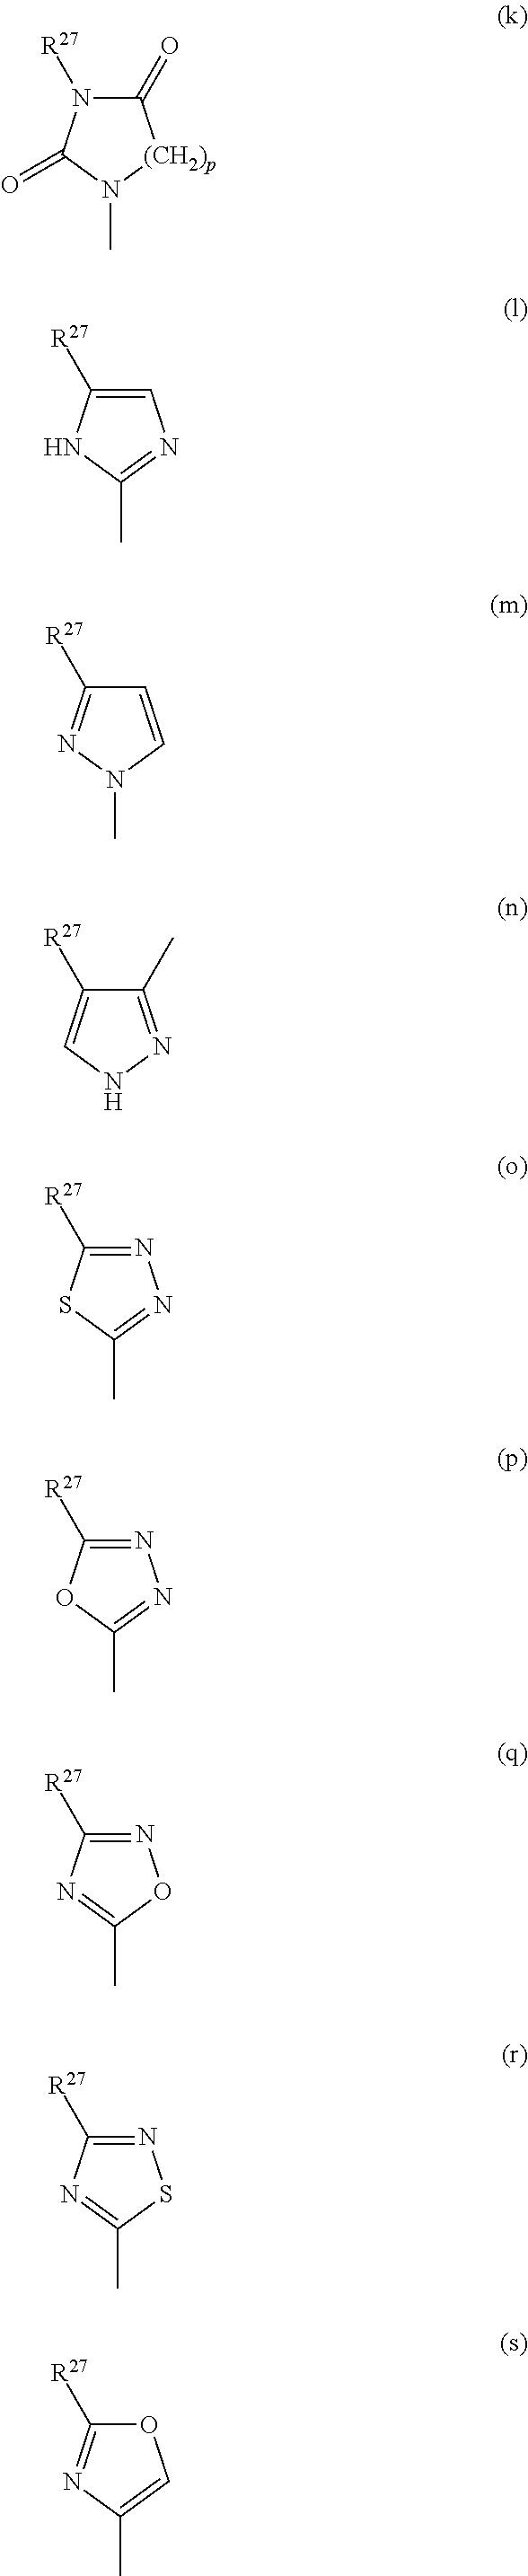 Figure US08188092-20120529-C00009